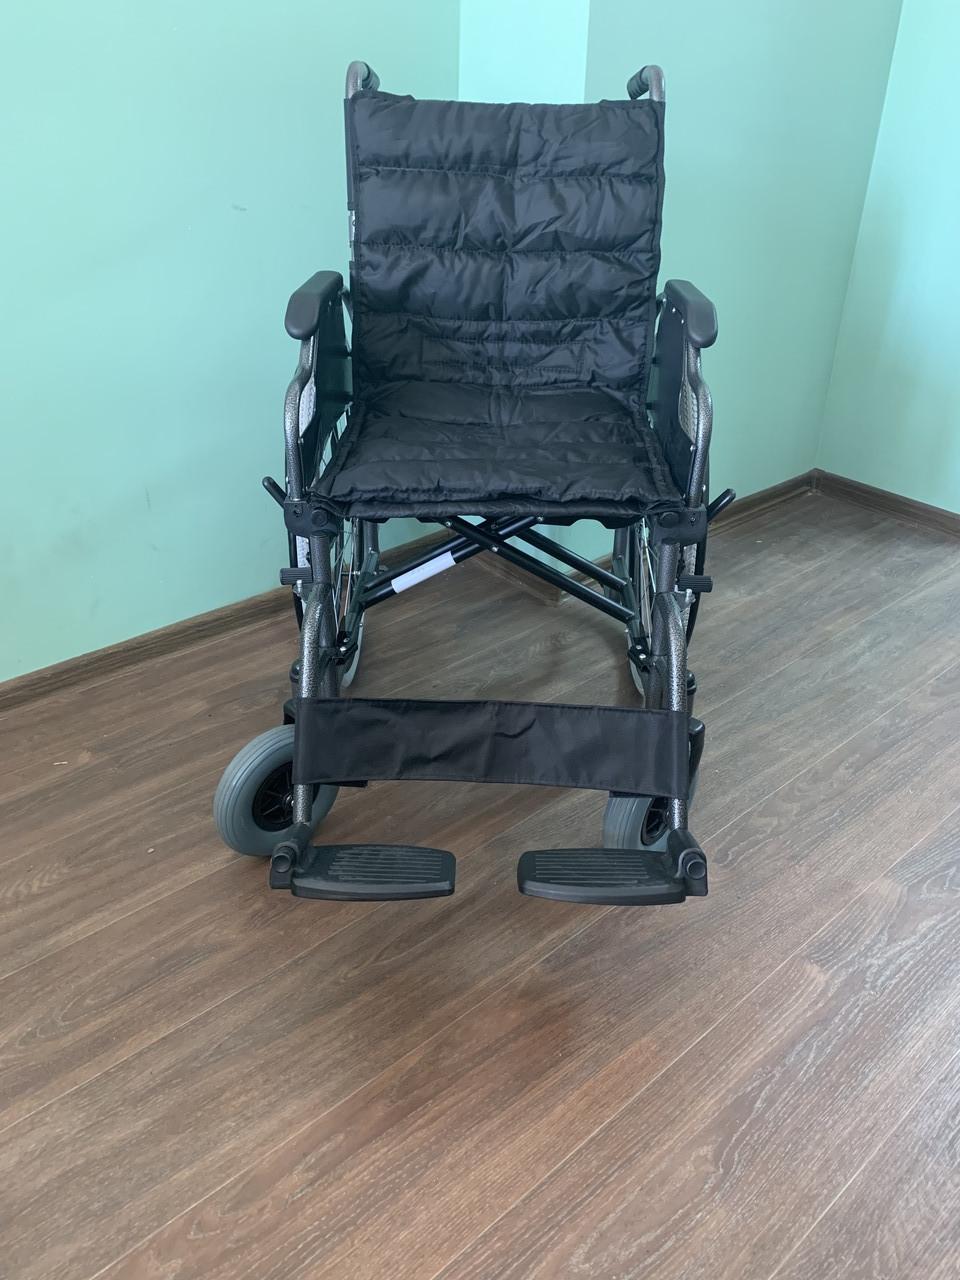 Аренда инвалидной коляски (эконом) в Киеве